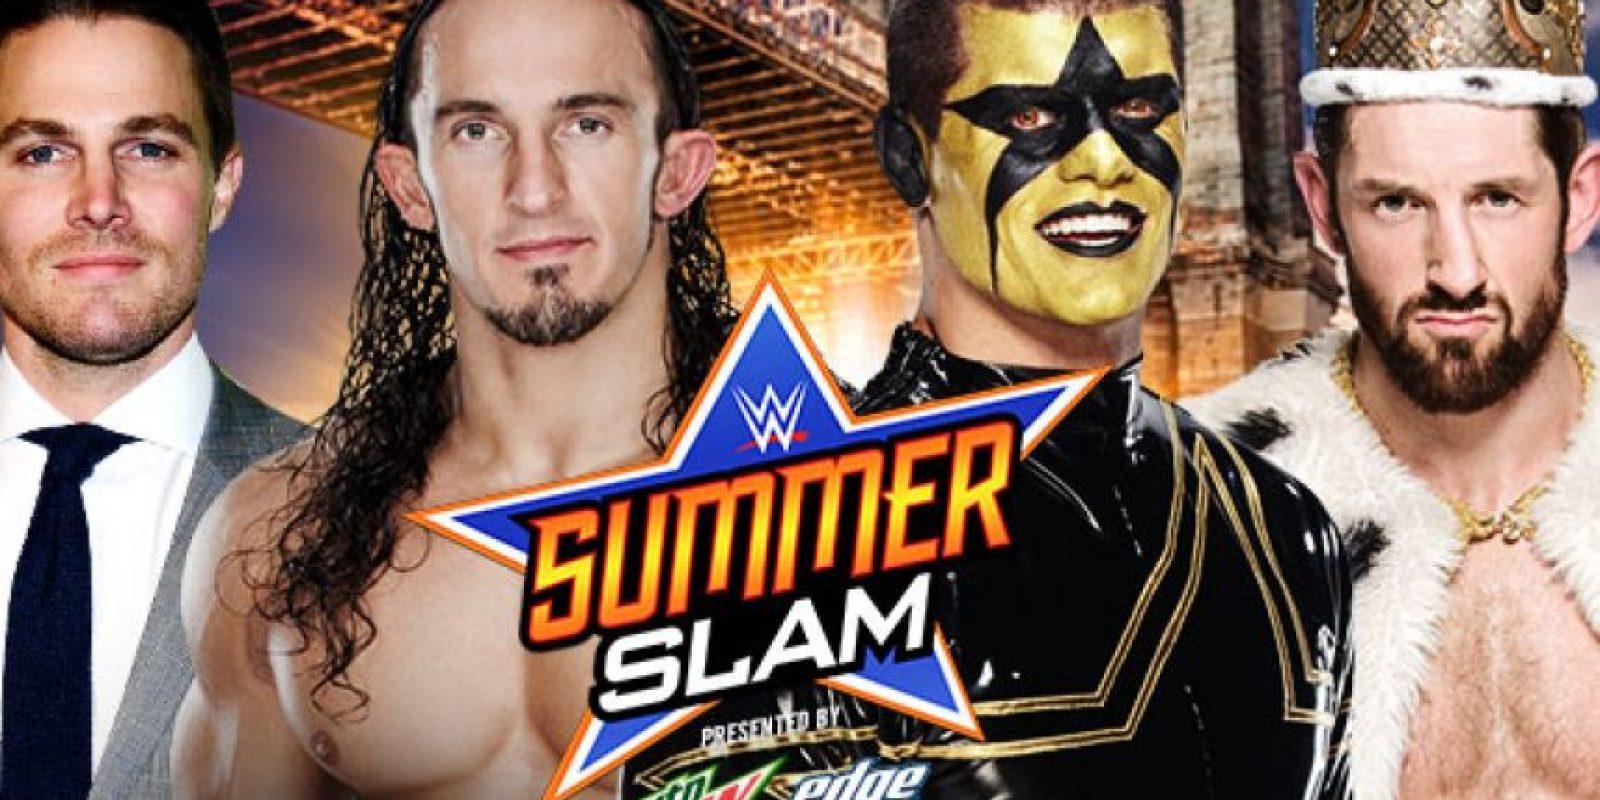 Después de un largo feudo, el actor Stephen Amell, acompañado por Neviile, peleará contra Stardust y King Barett Foto:WWE